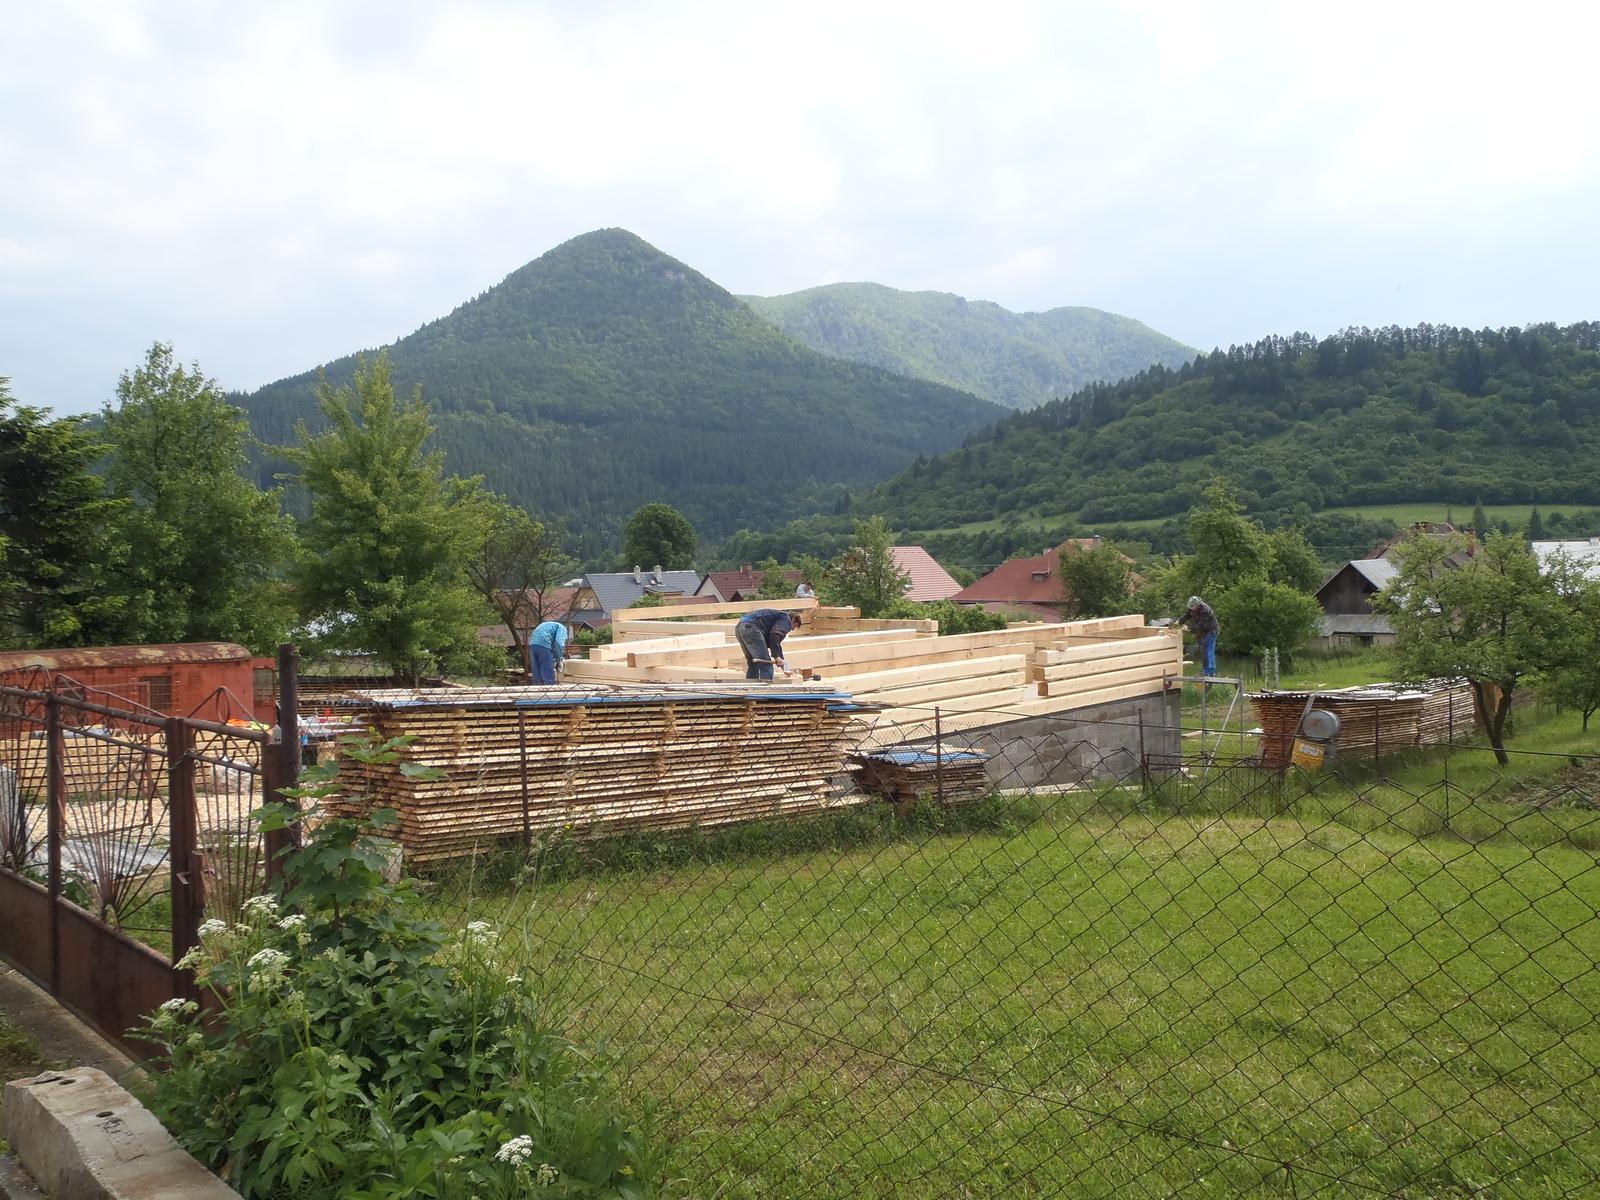 Náš veľký sen o drevenom domčeku! - Obrázok č. 71